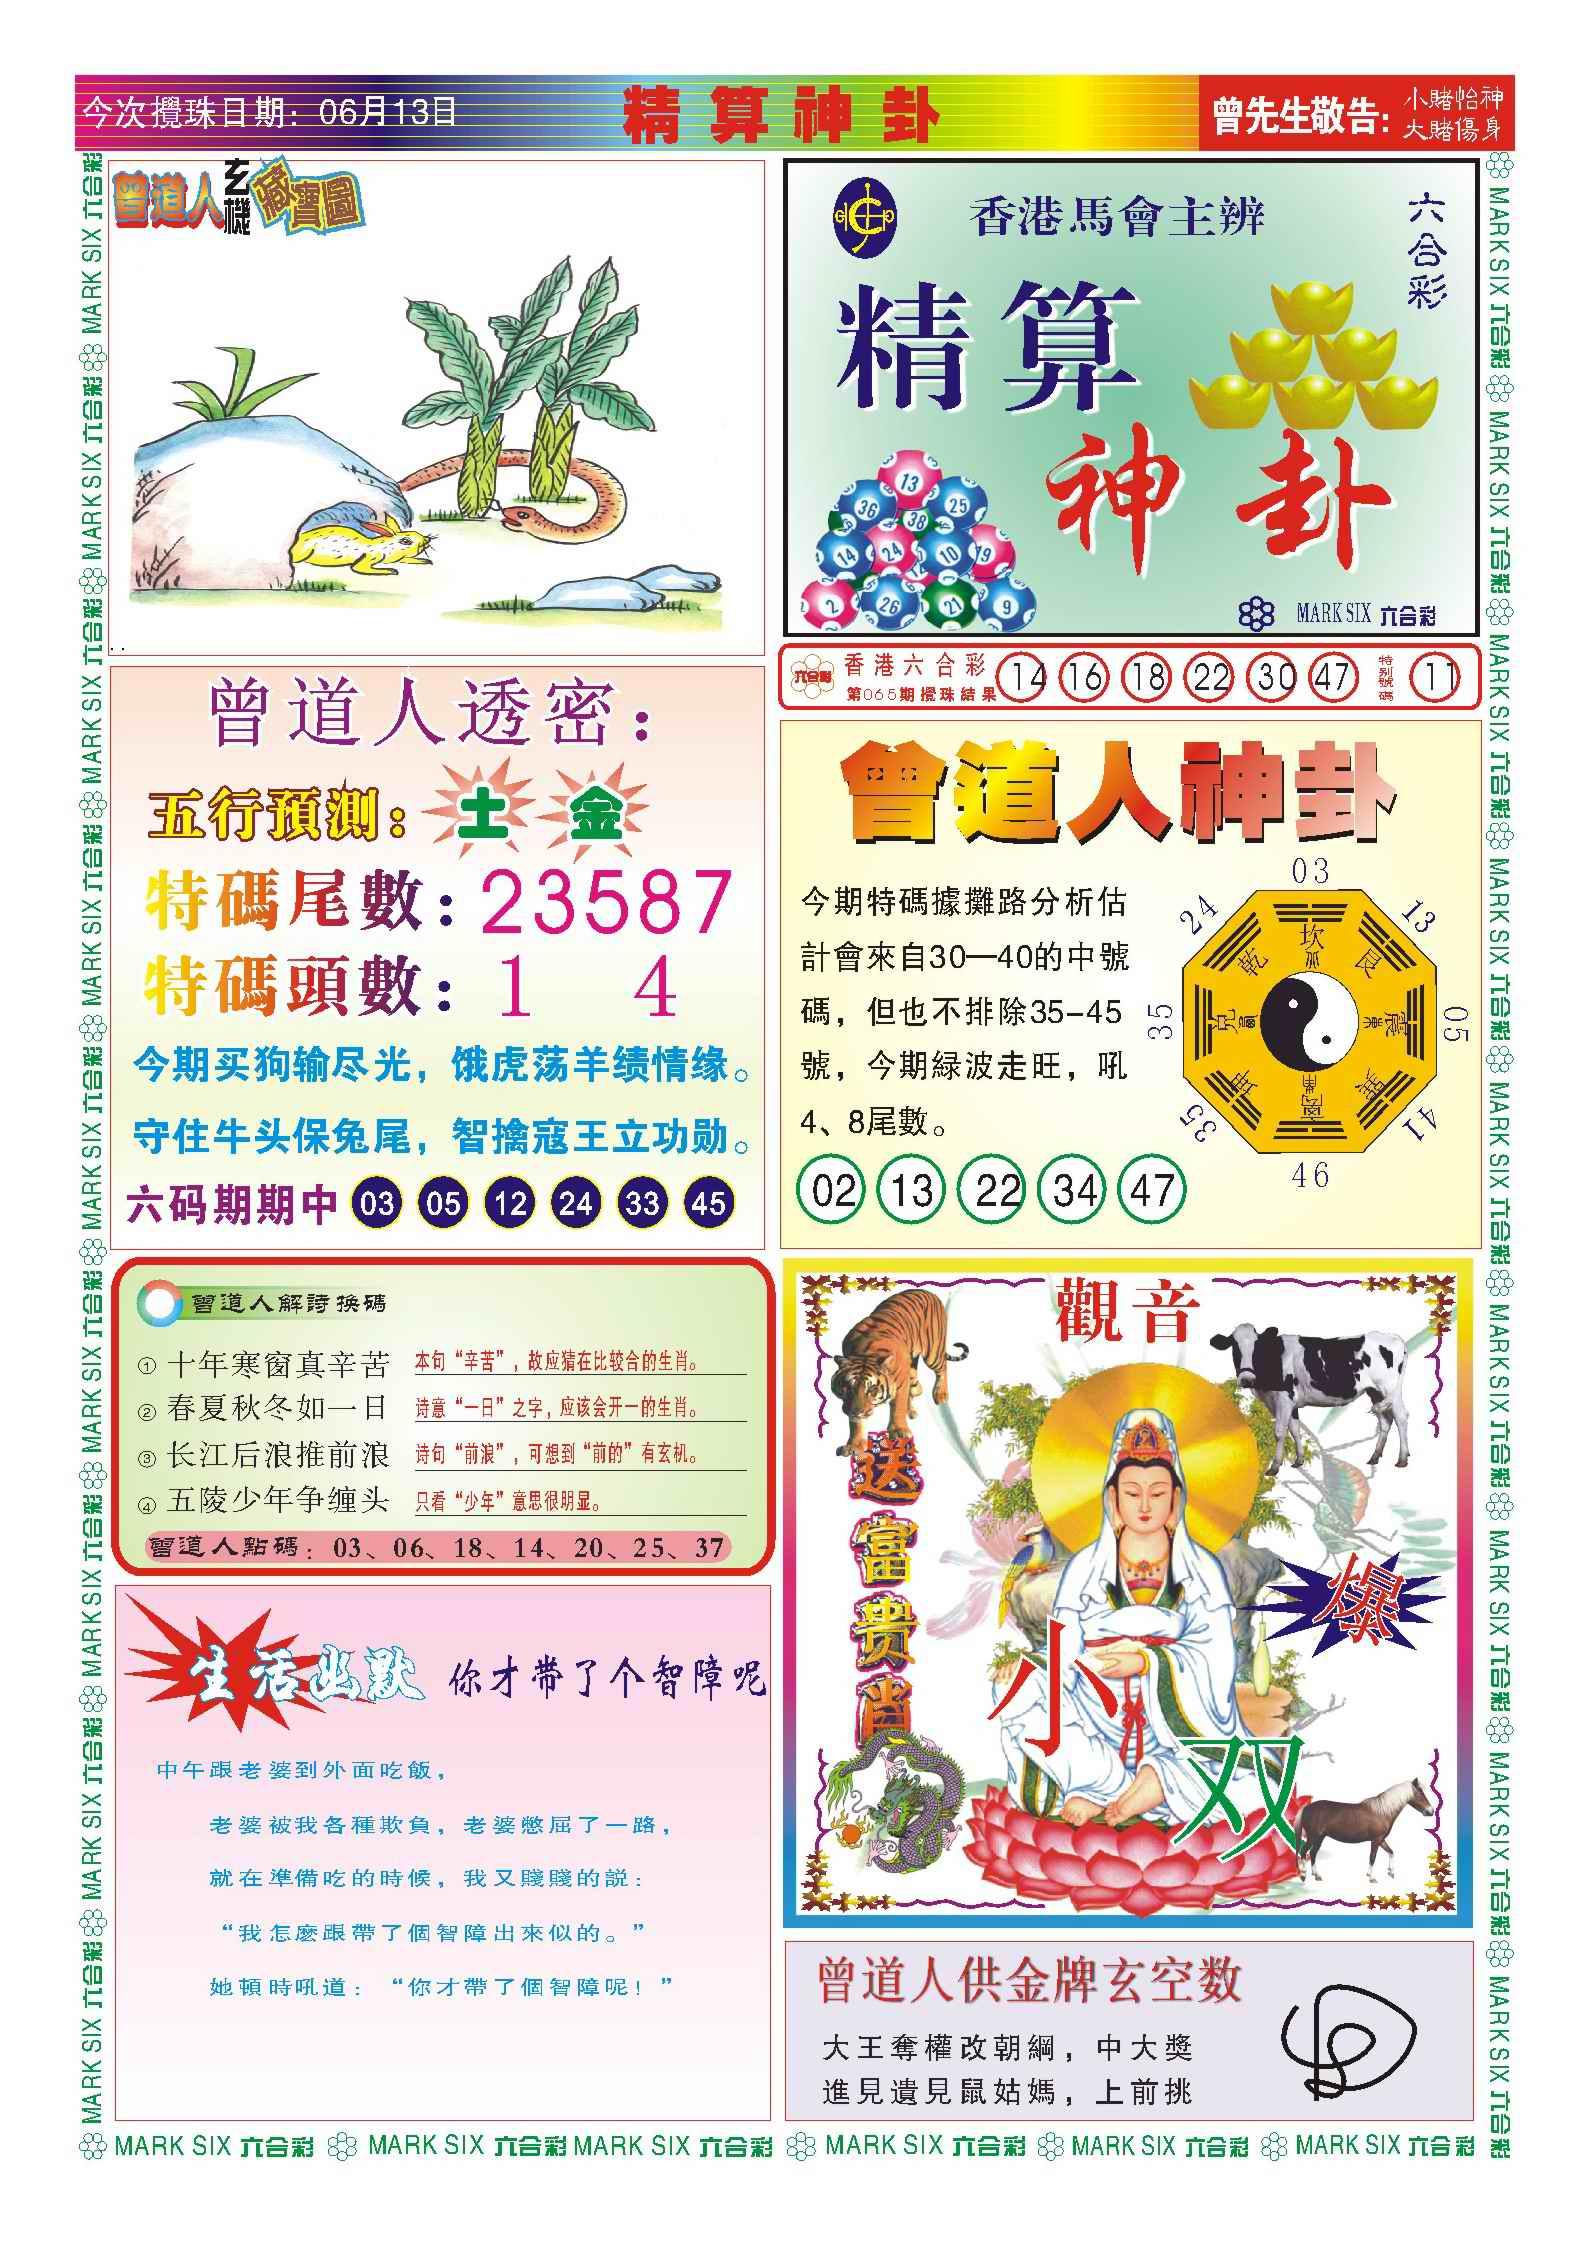 066期118精算神卦(新图)